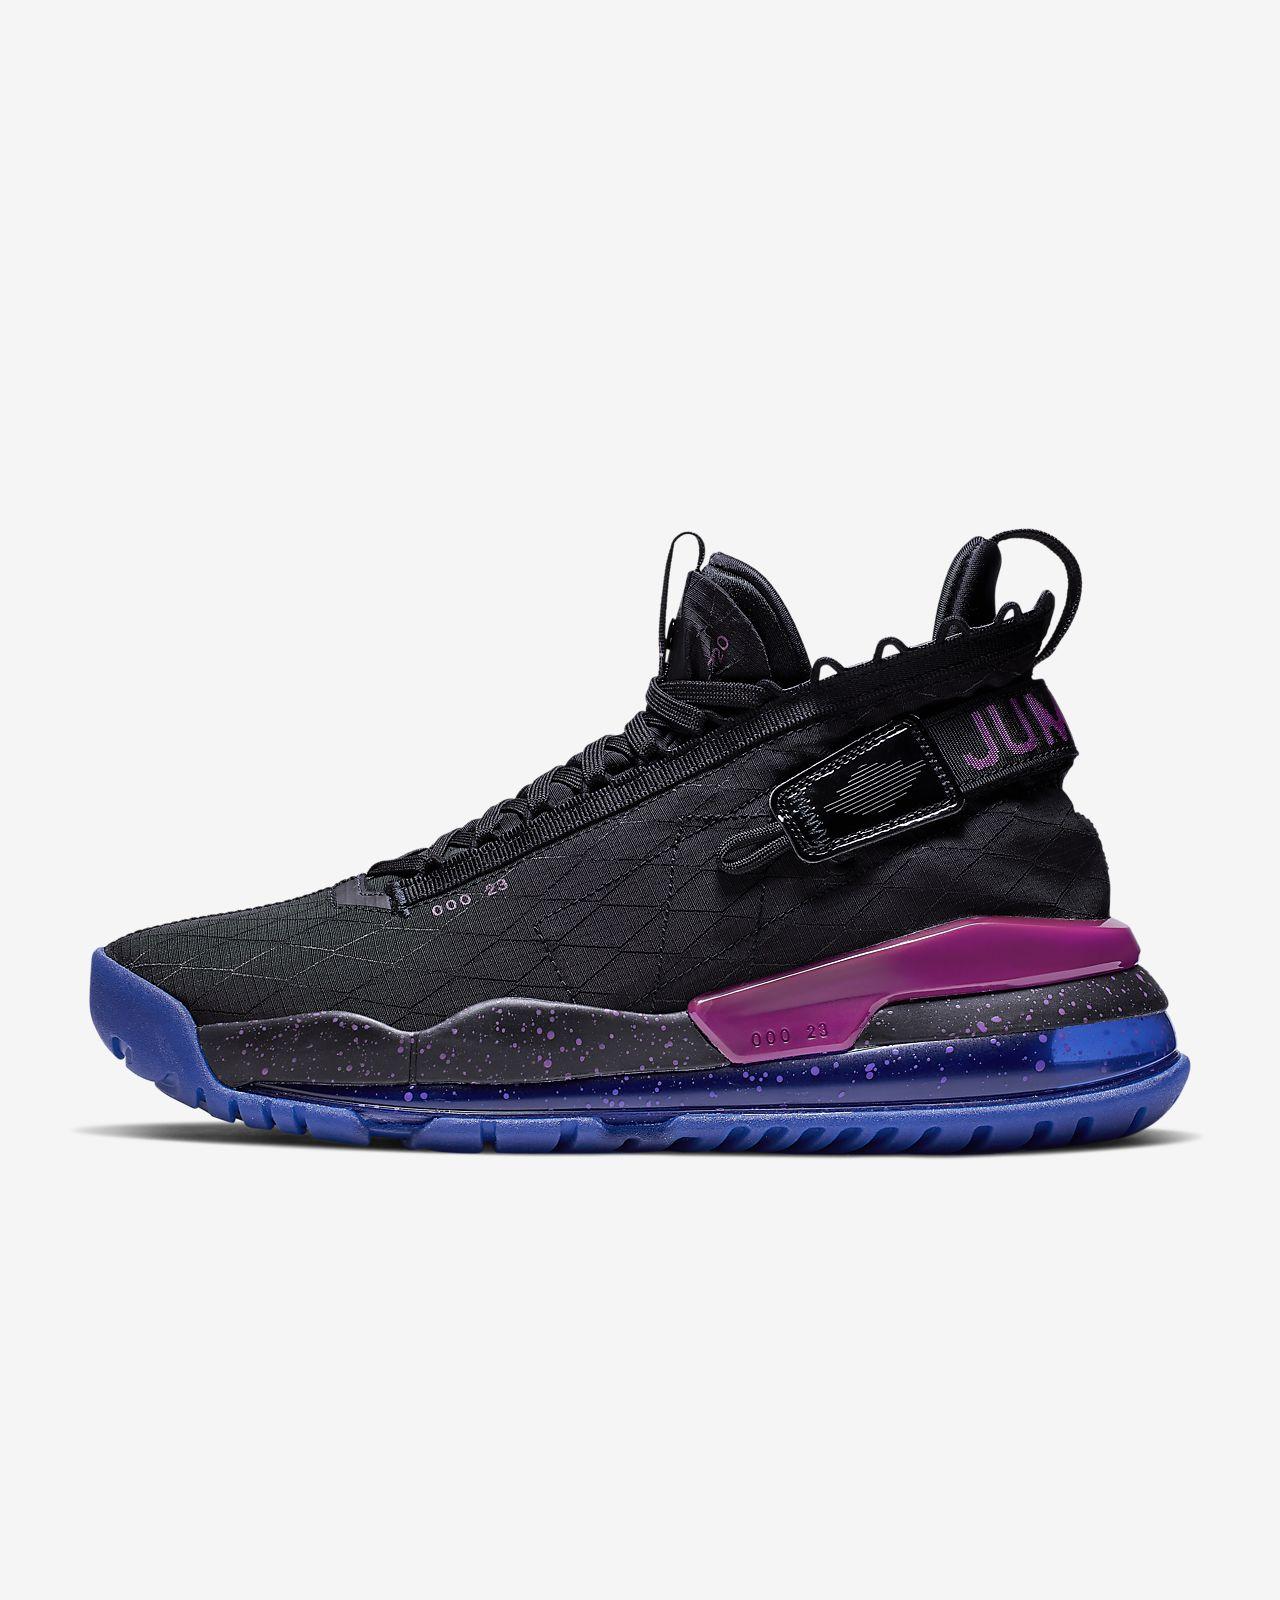 sprawdzić fabrycznie autentyczne Kod kuponu Jordan Proto-Max 720 Shoe